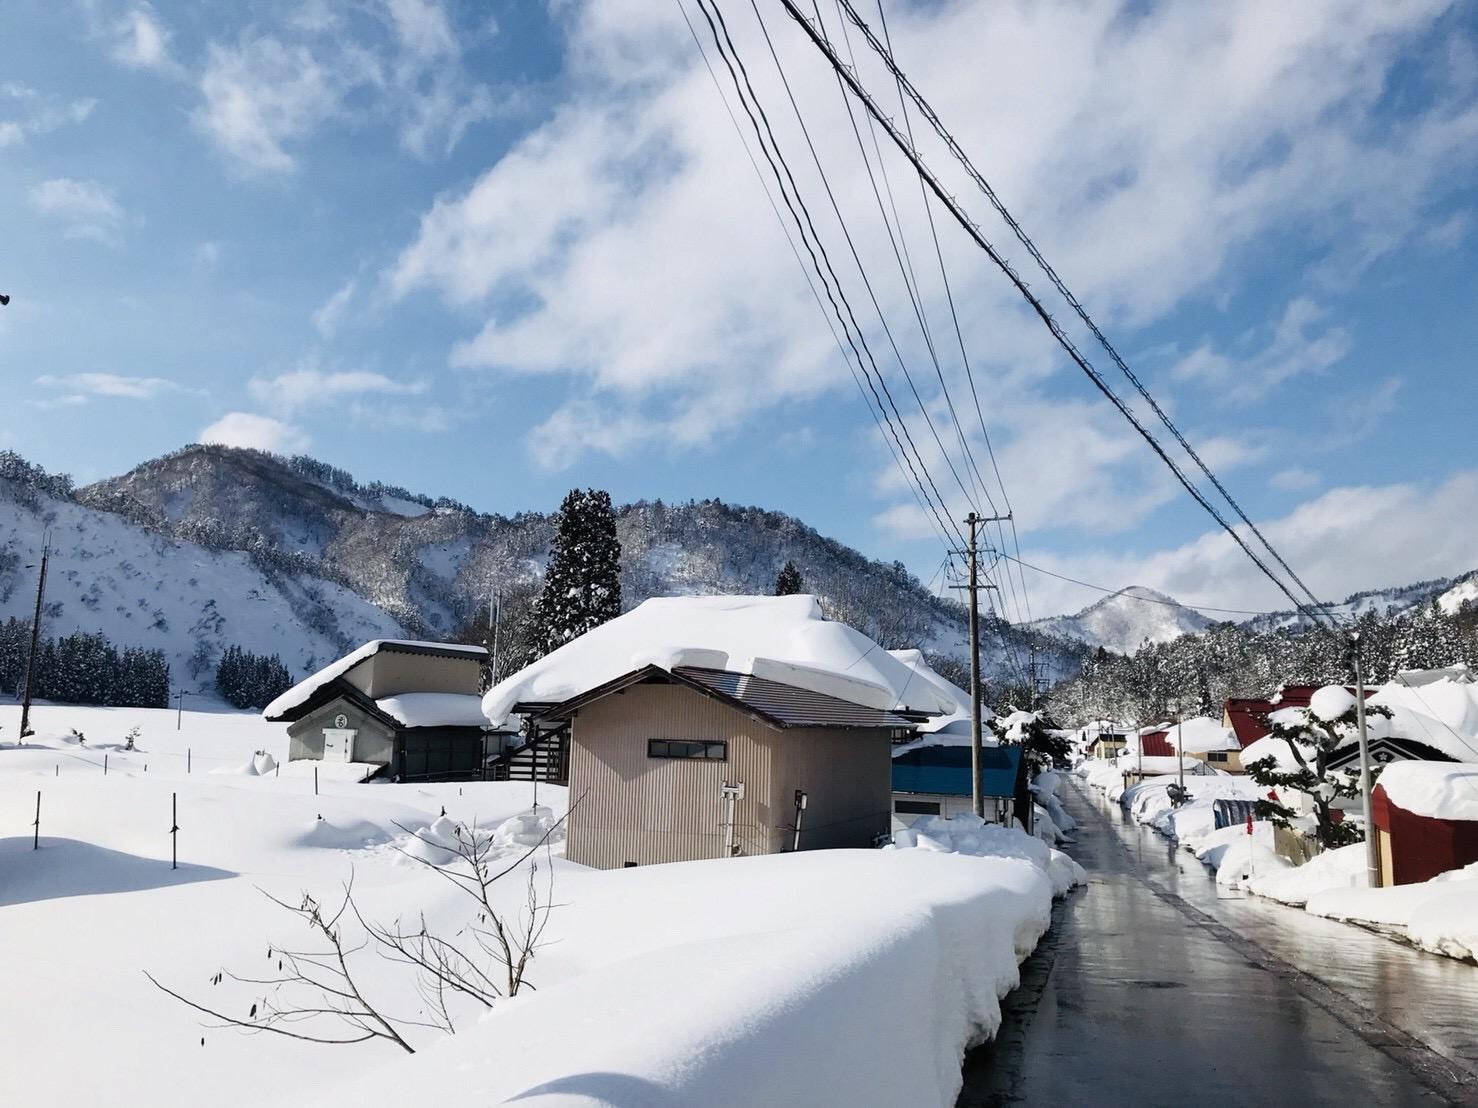 冬の昭和村の雪景色